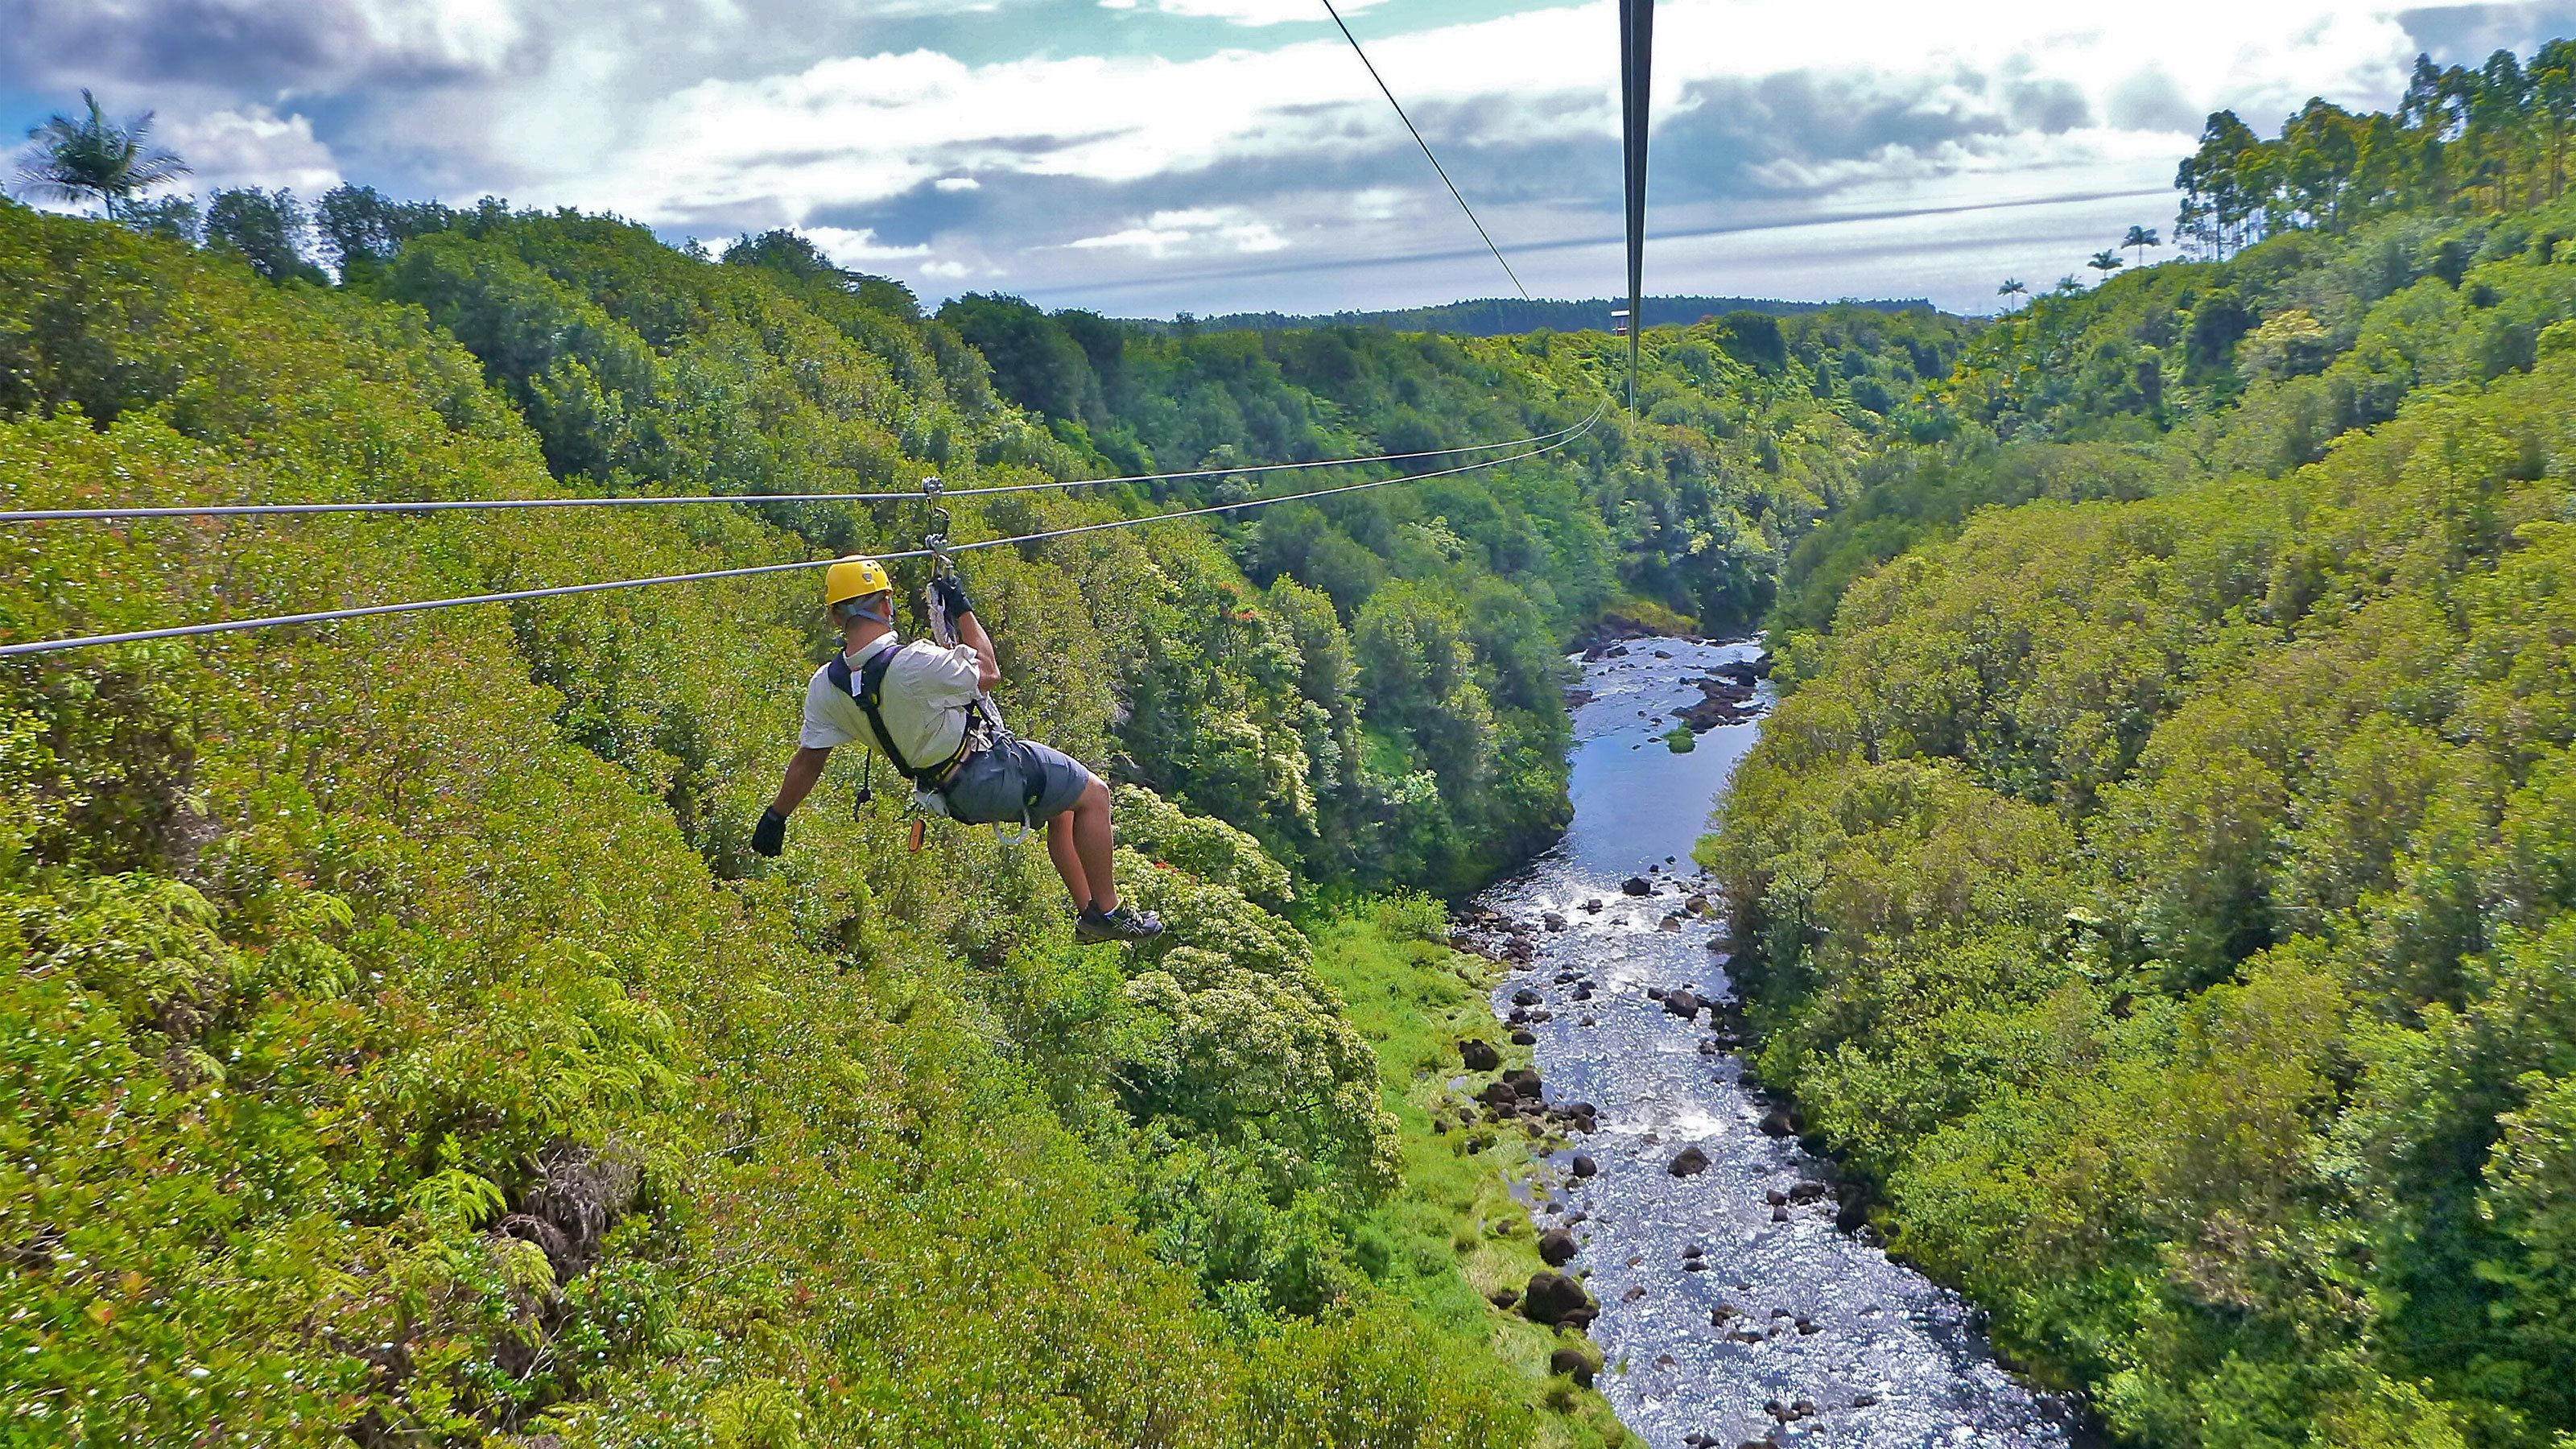 Ziplining man over a waterfall on the Big Island of Hawaii